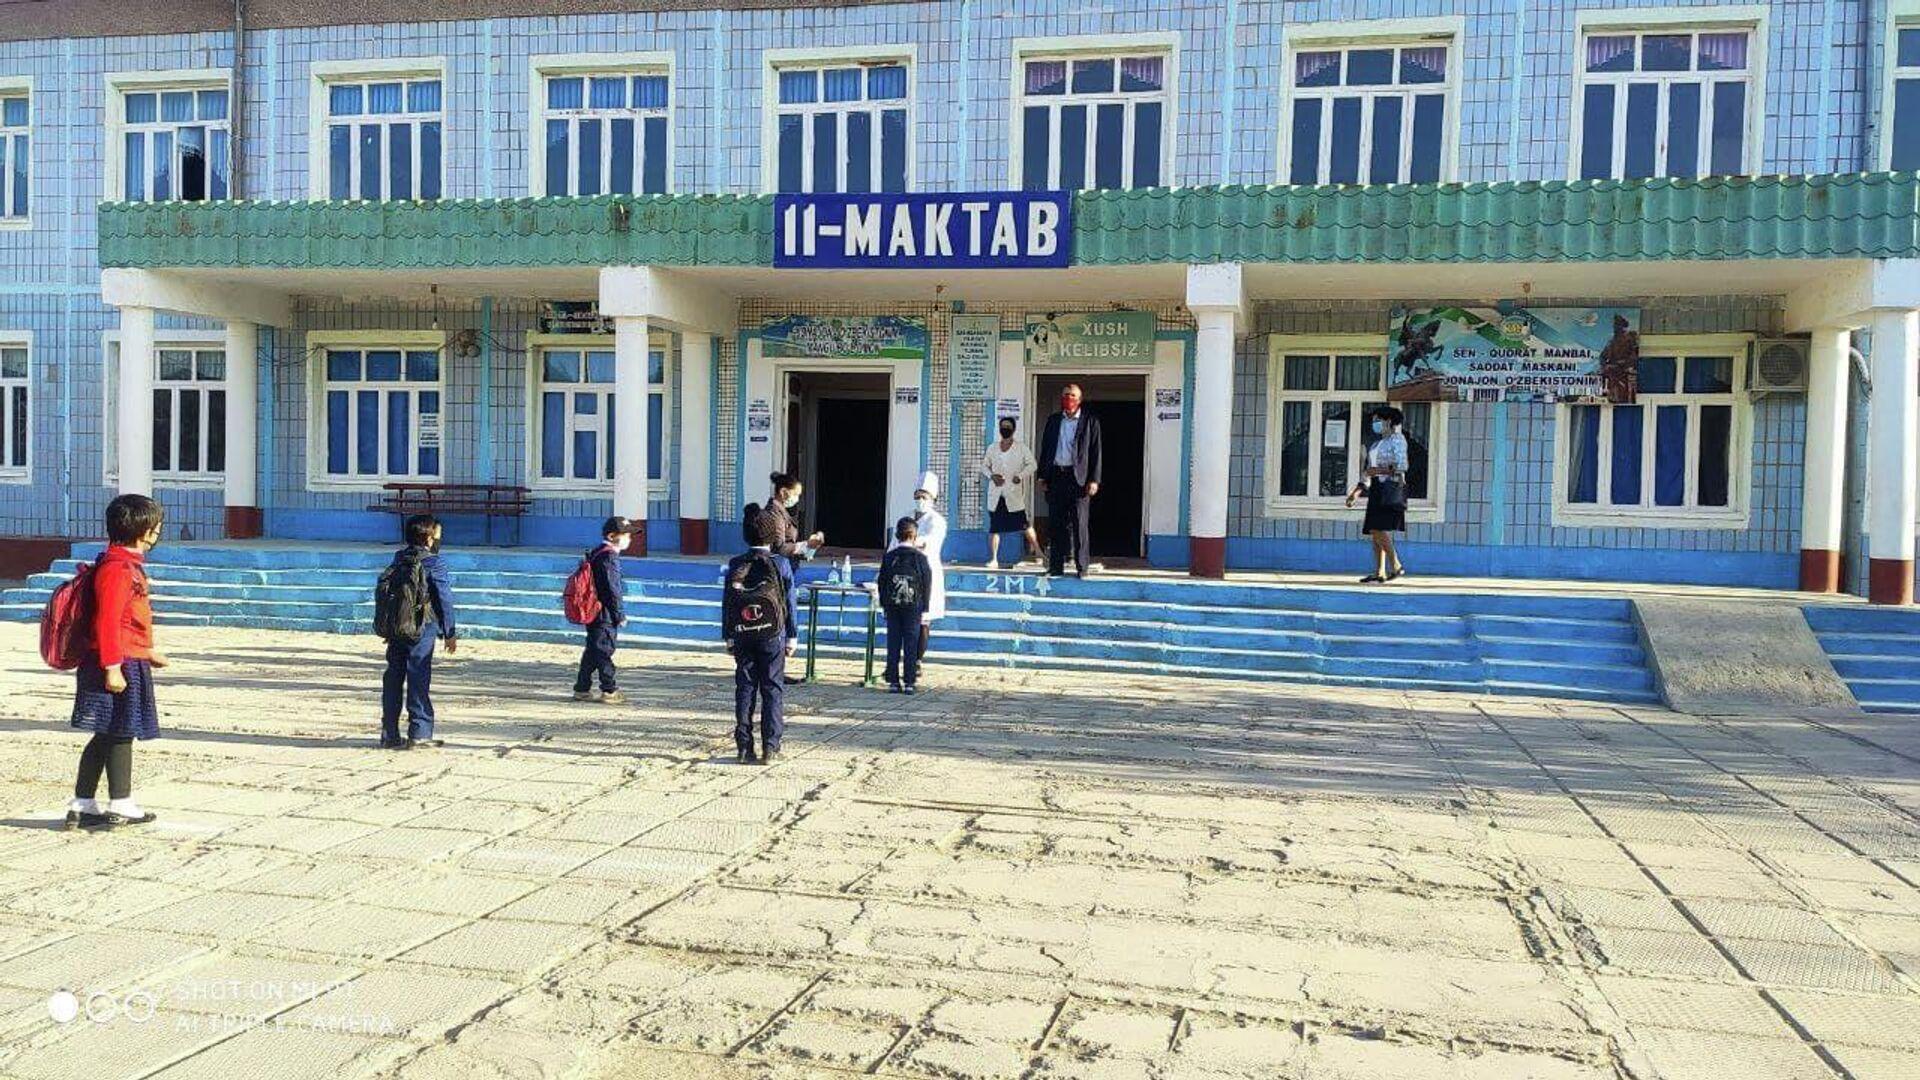 Директор, которого восстановили в должности после незаконного увольнения, встречает учеников - Sputnik Узбекистан, 1920, 17.05.2021